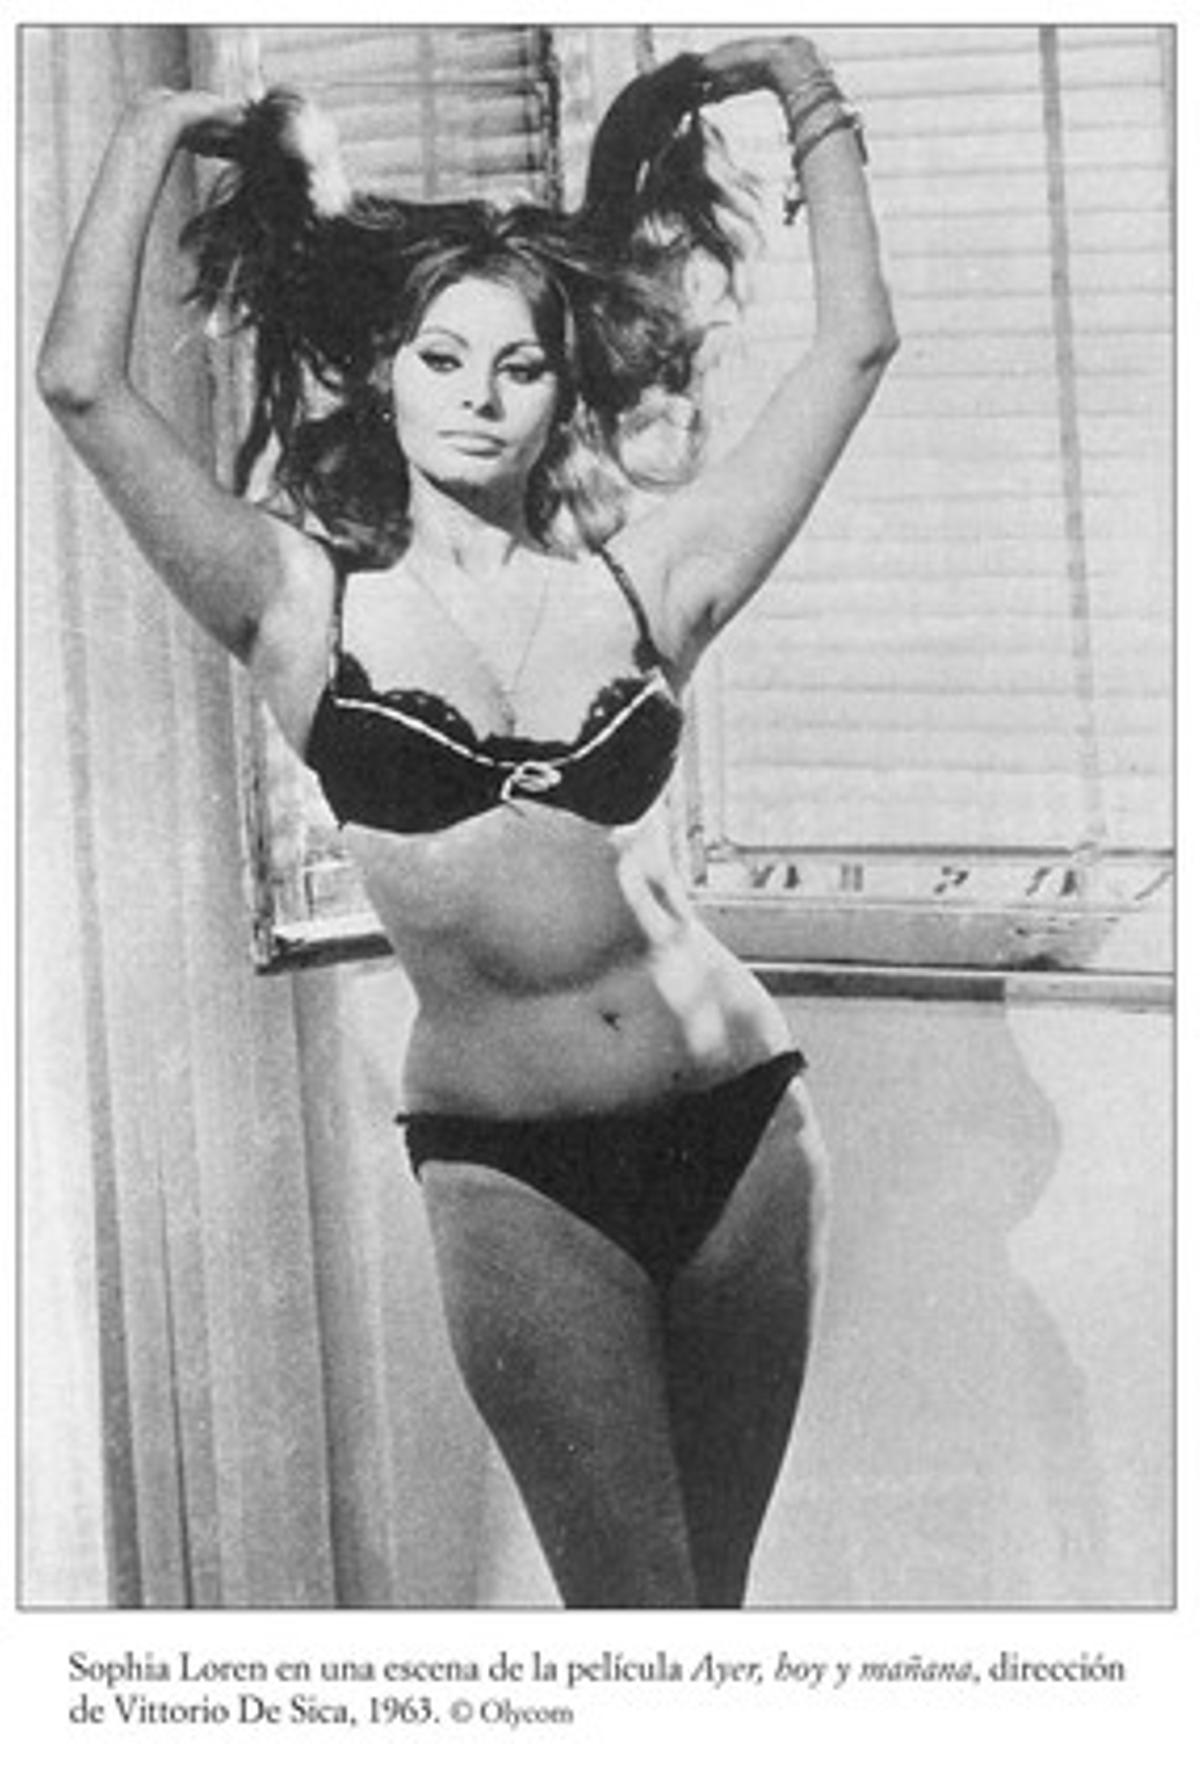 Sofía Loren, en bikini, en una escena de la película 'Ayer, hoy y mañana'.